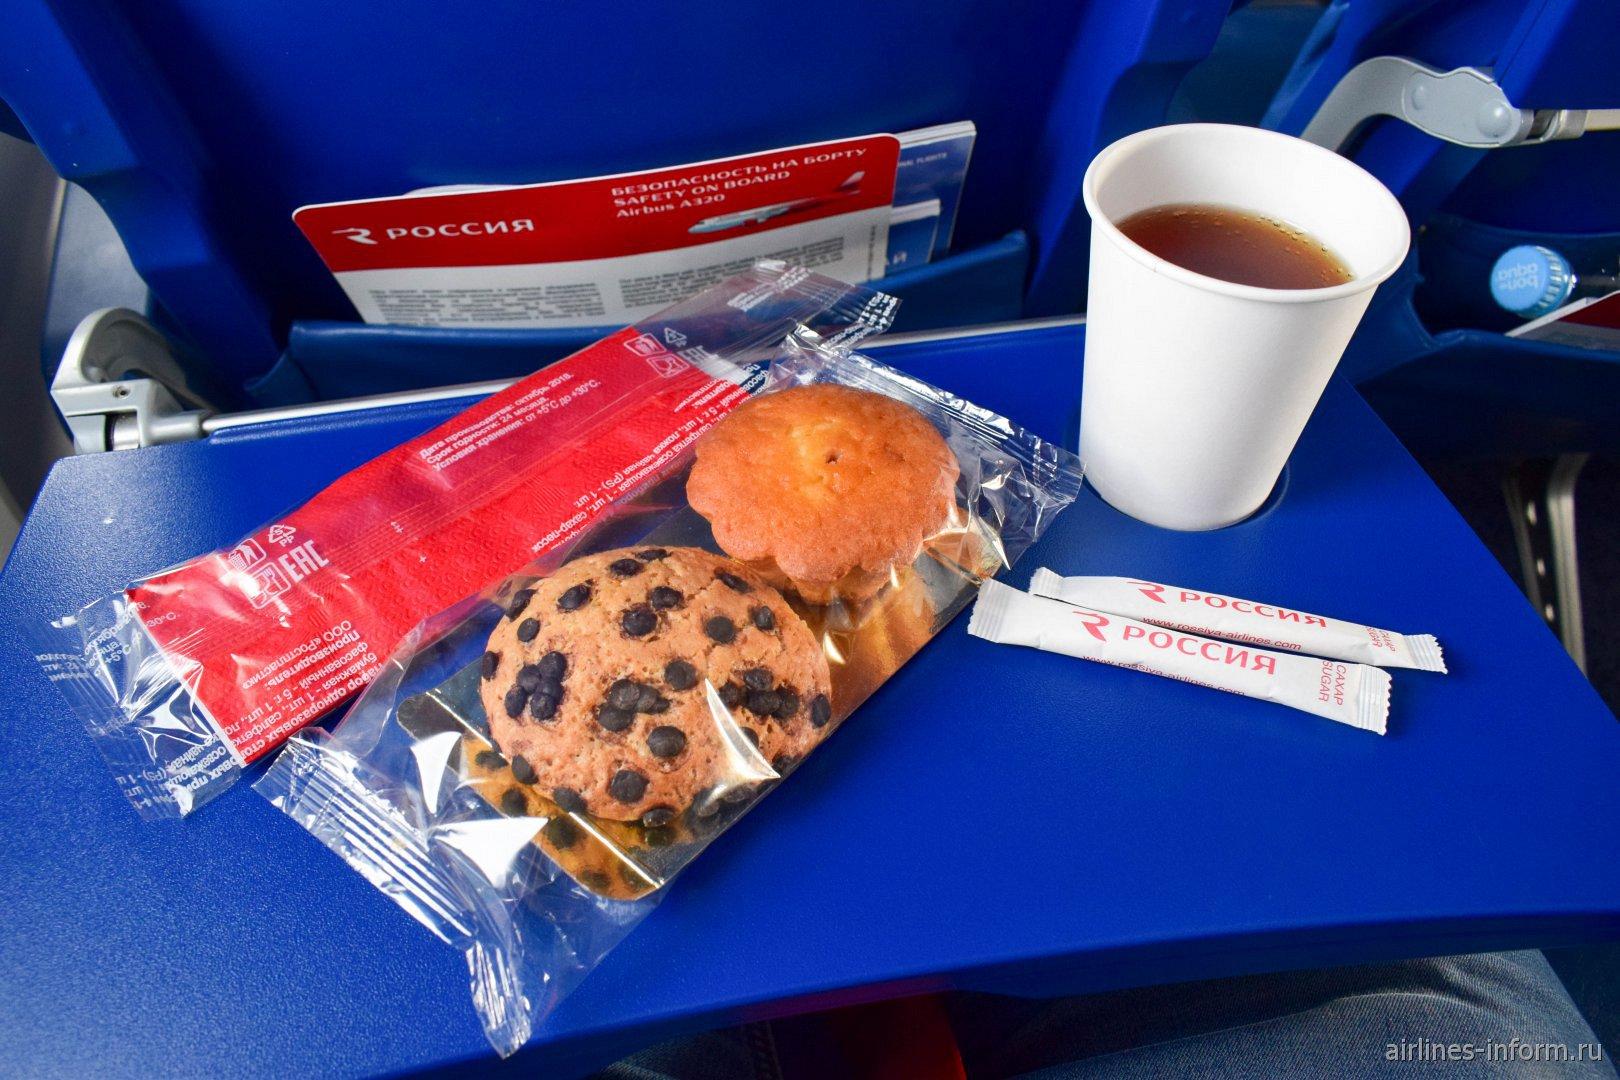 Кекс и печенье на рейсе Санкт-Петербург - Москва авиакомпании